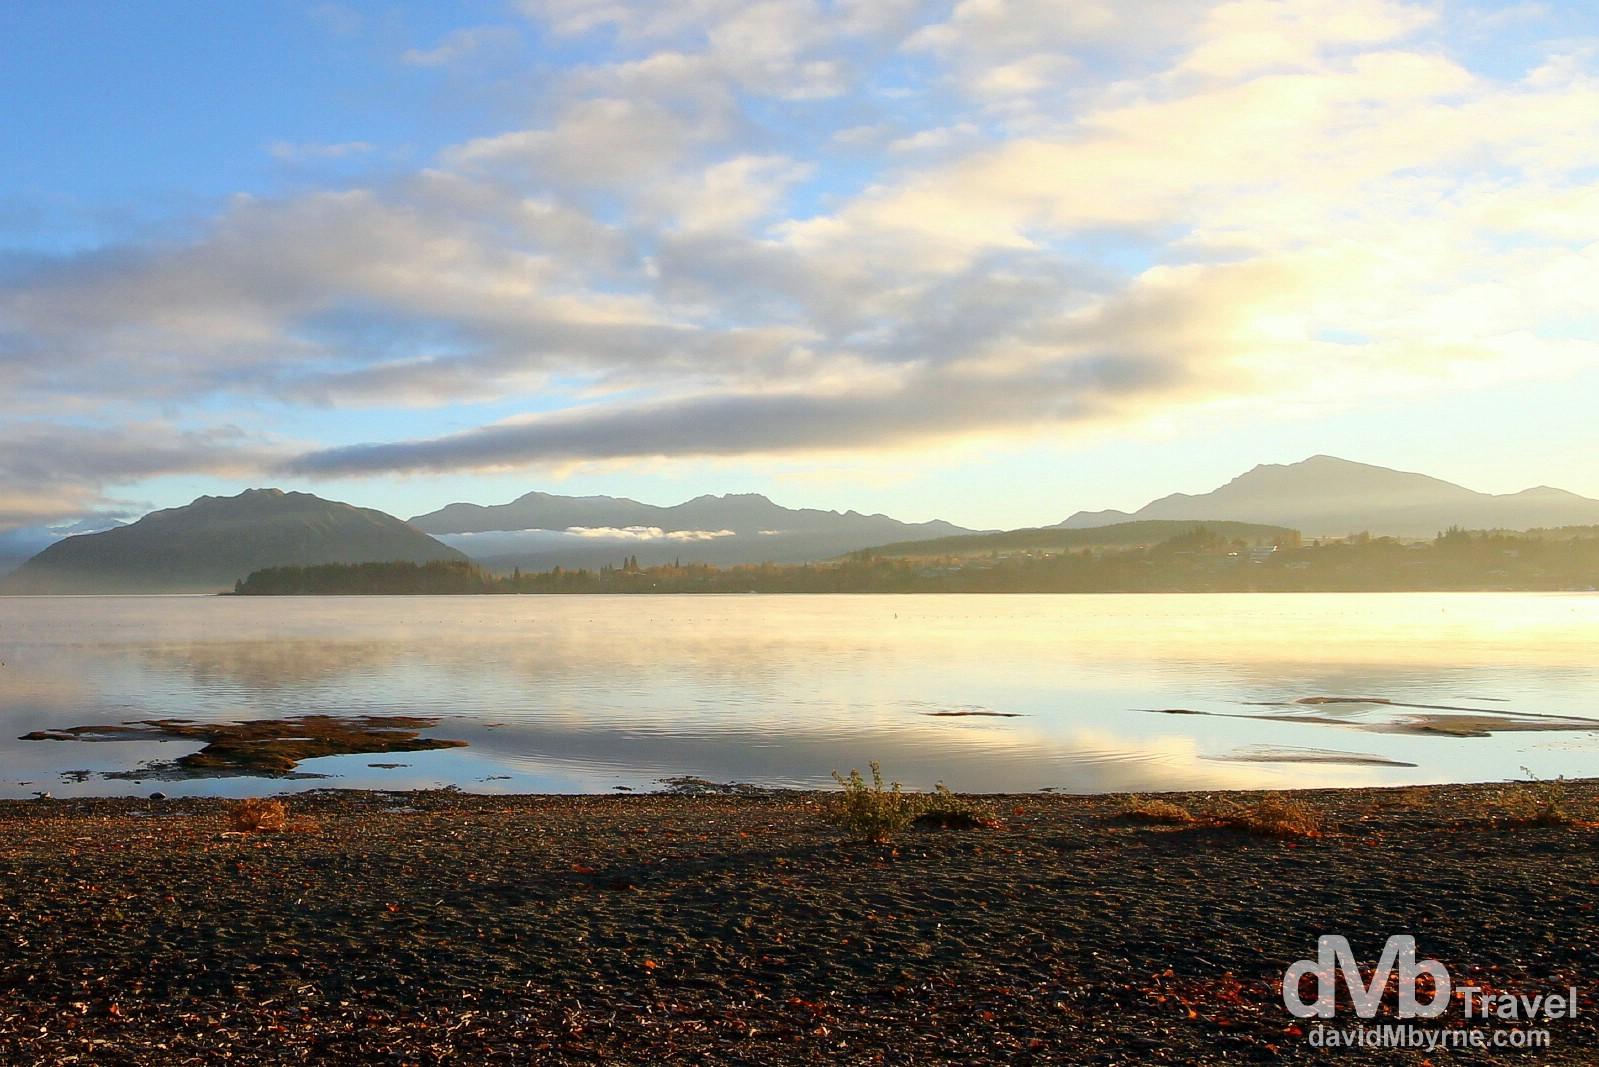 Intense sunrise light on Lake Wanaka, Wanaka, South Island, New Zealand. May 21st 2012.